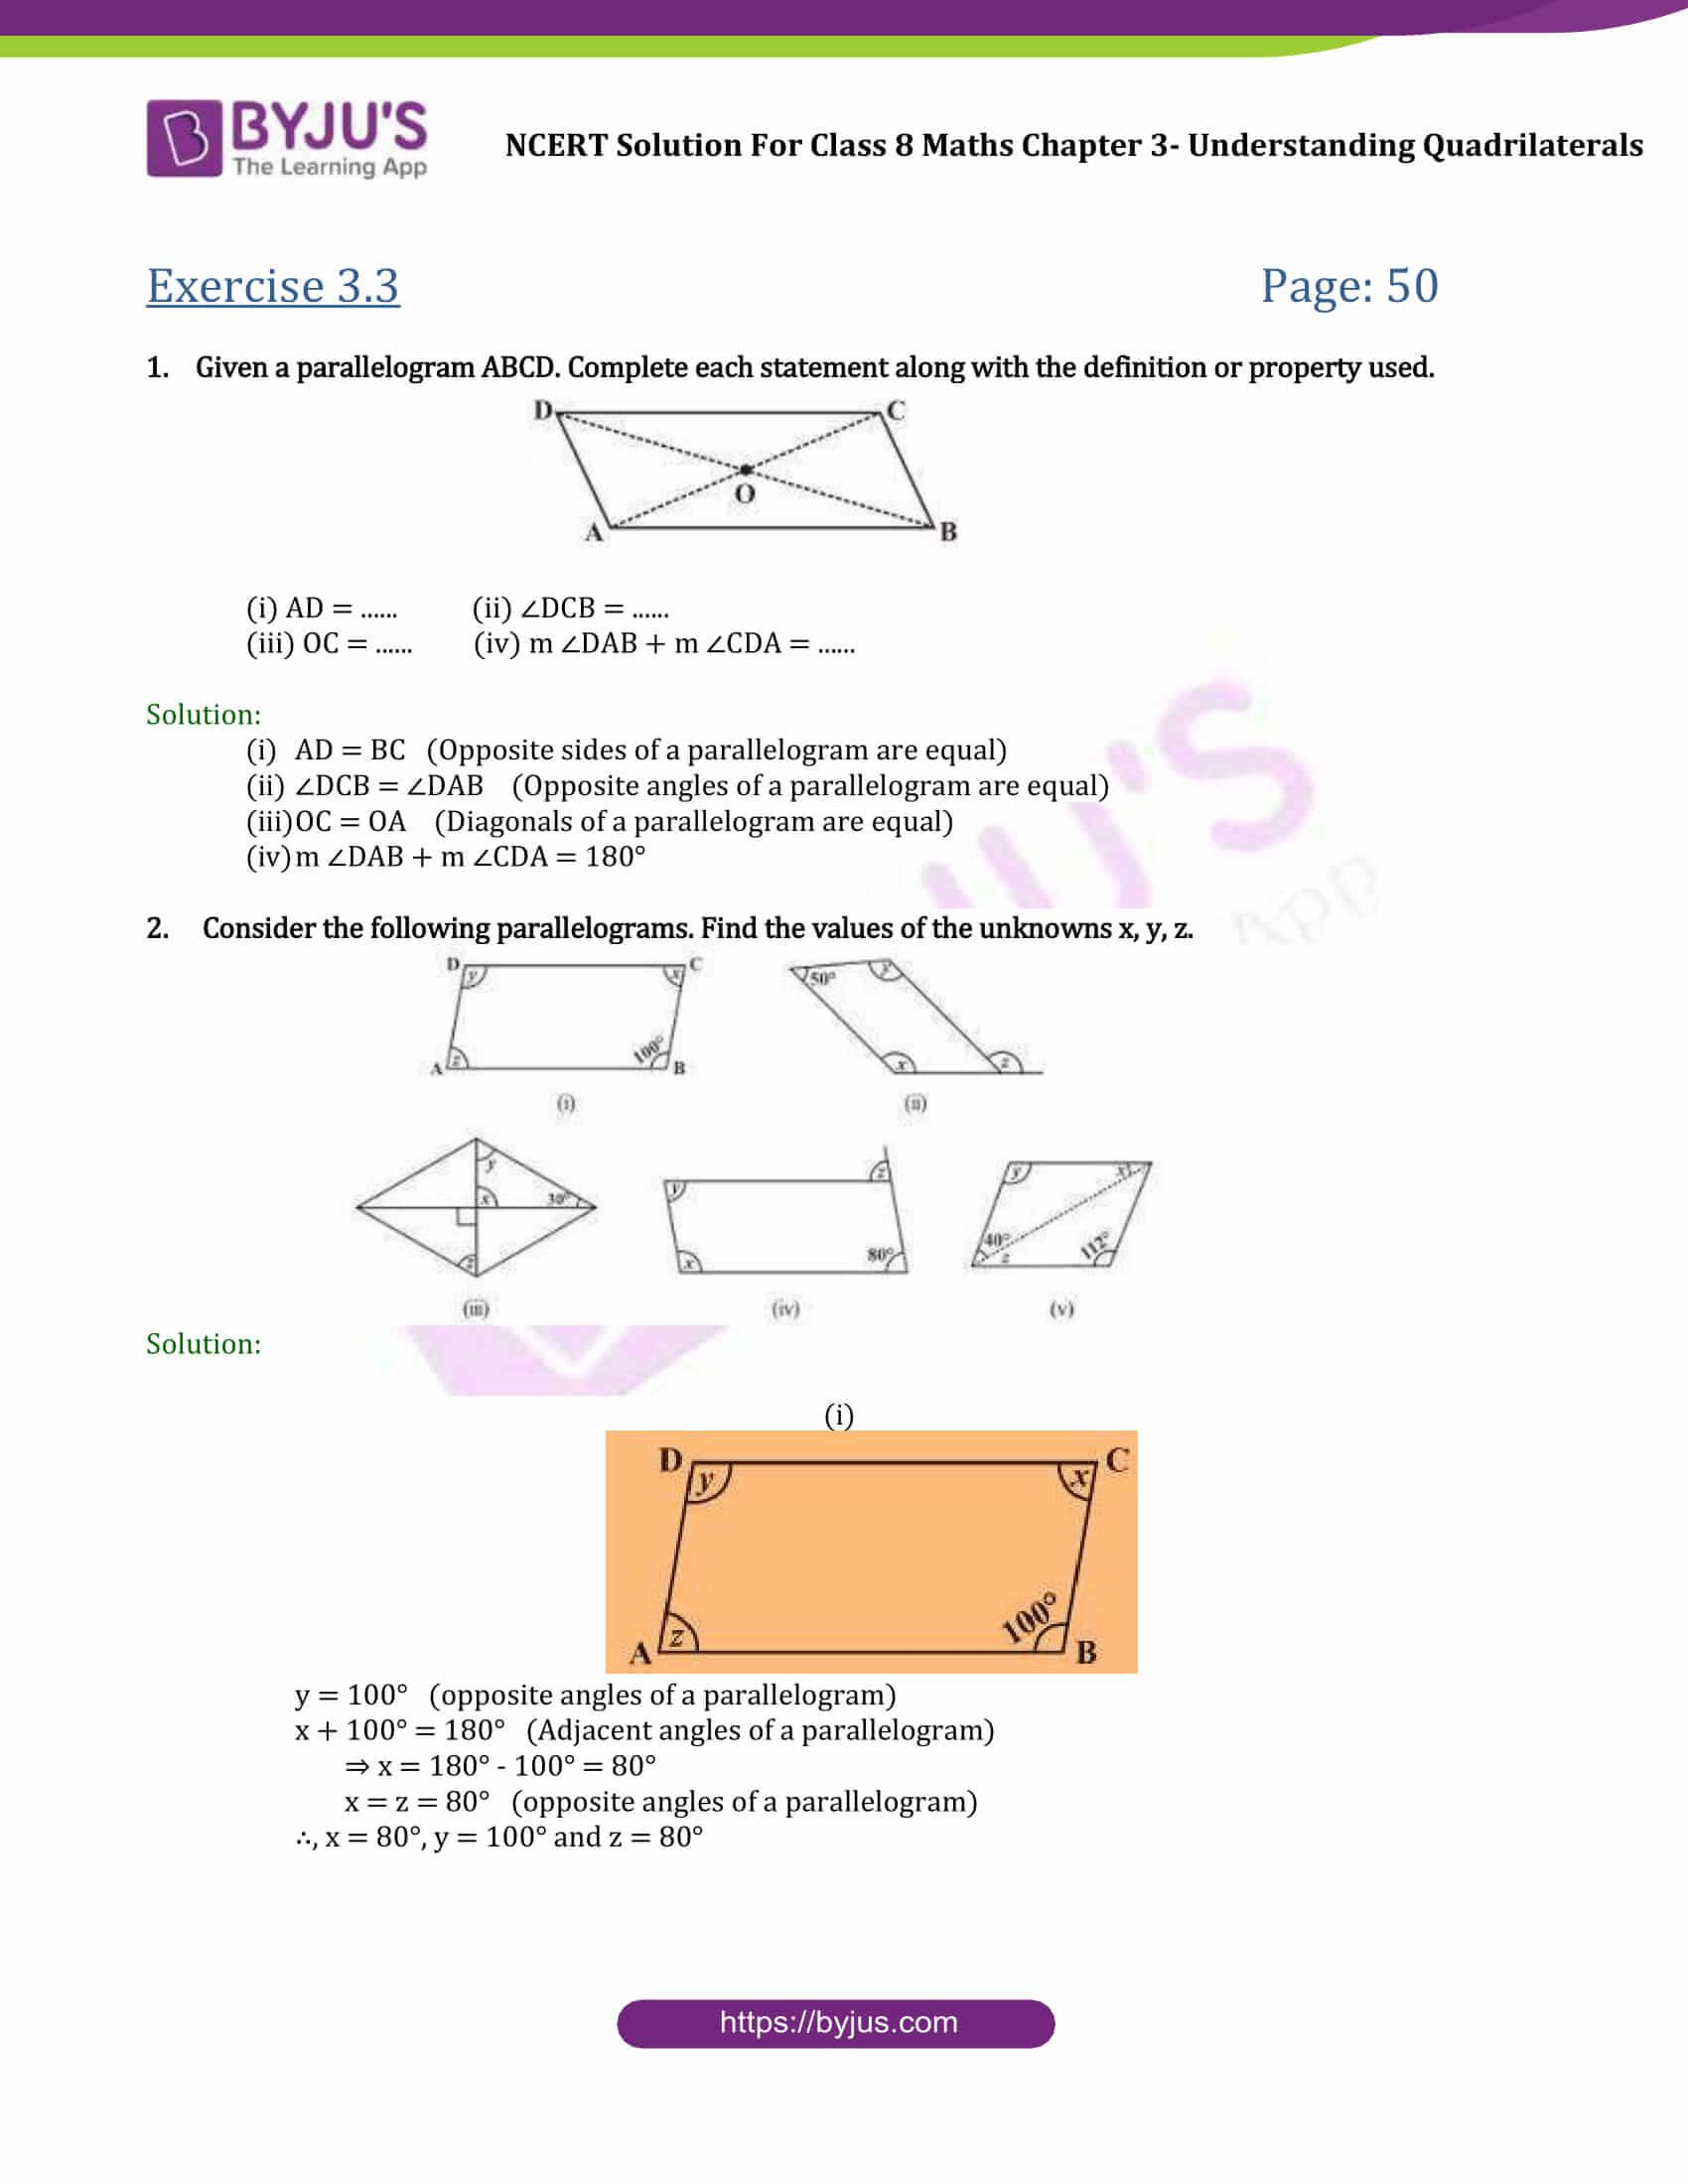 NCERT Solutions for Class 8 Maths Chapter 3 Understanding